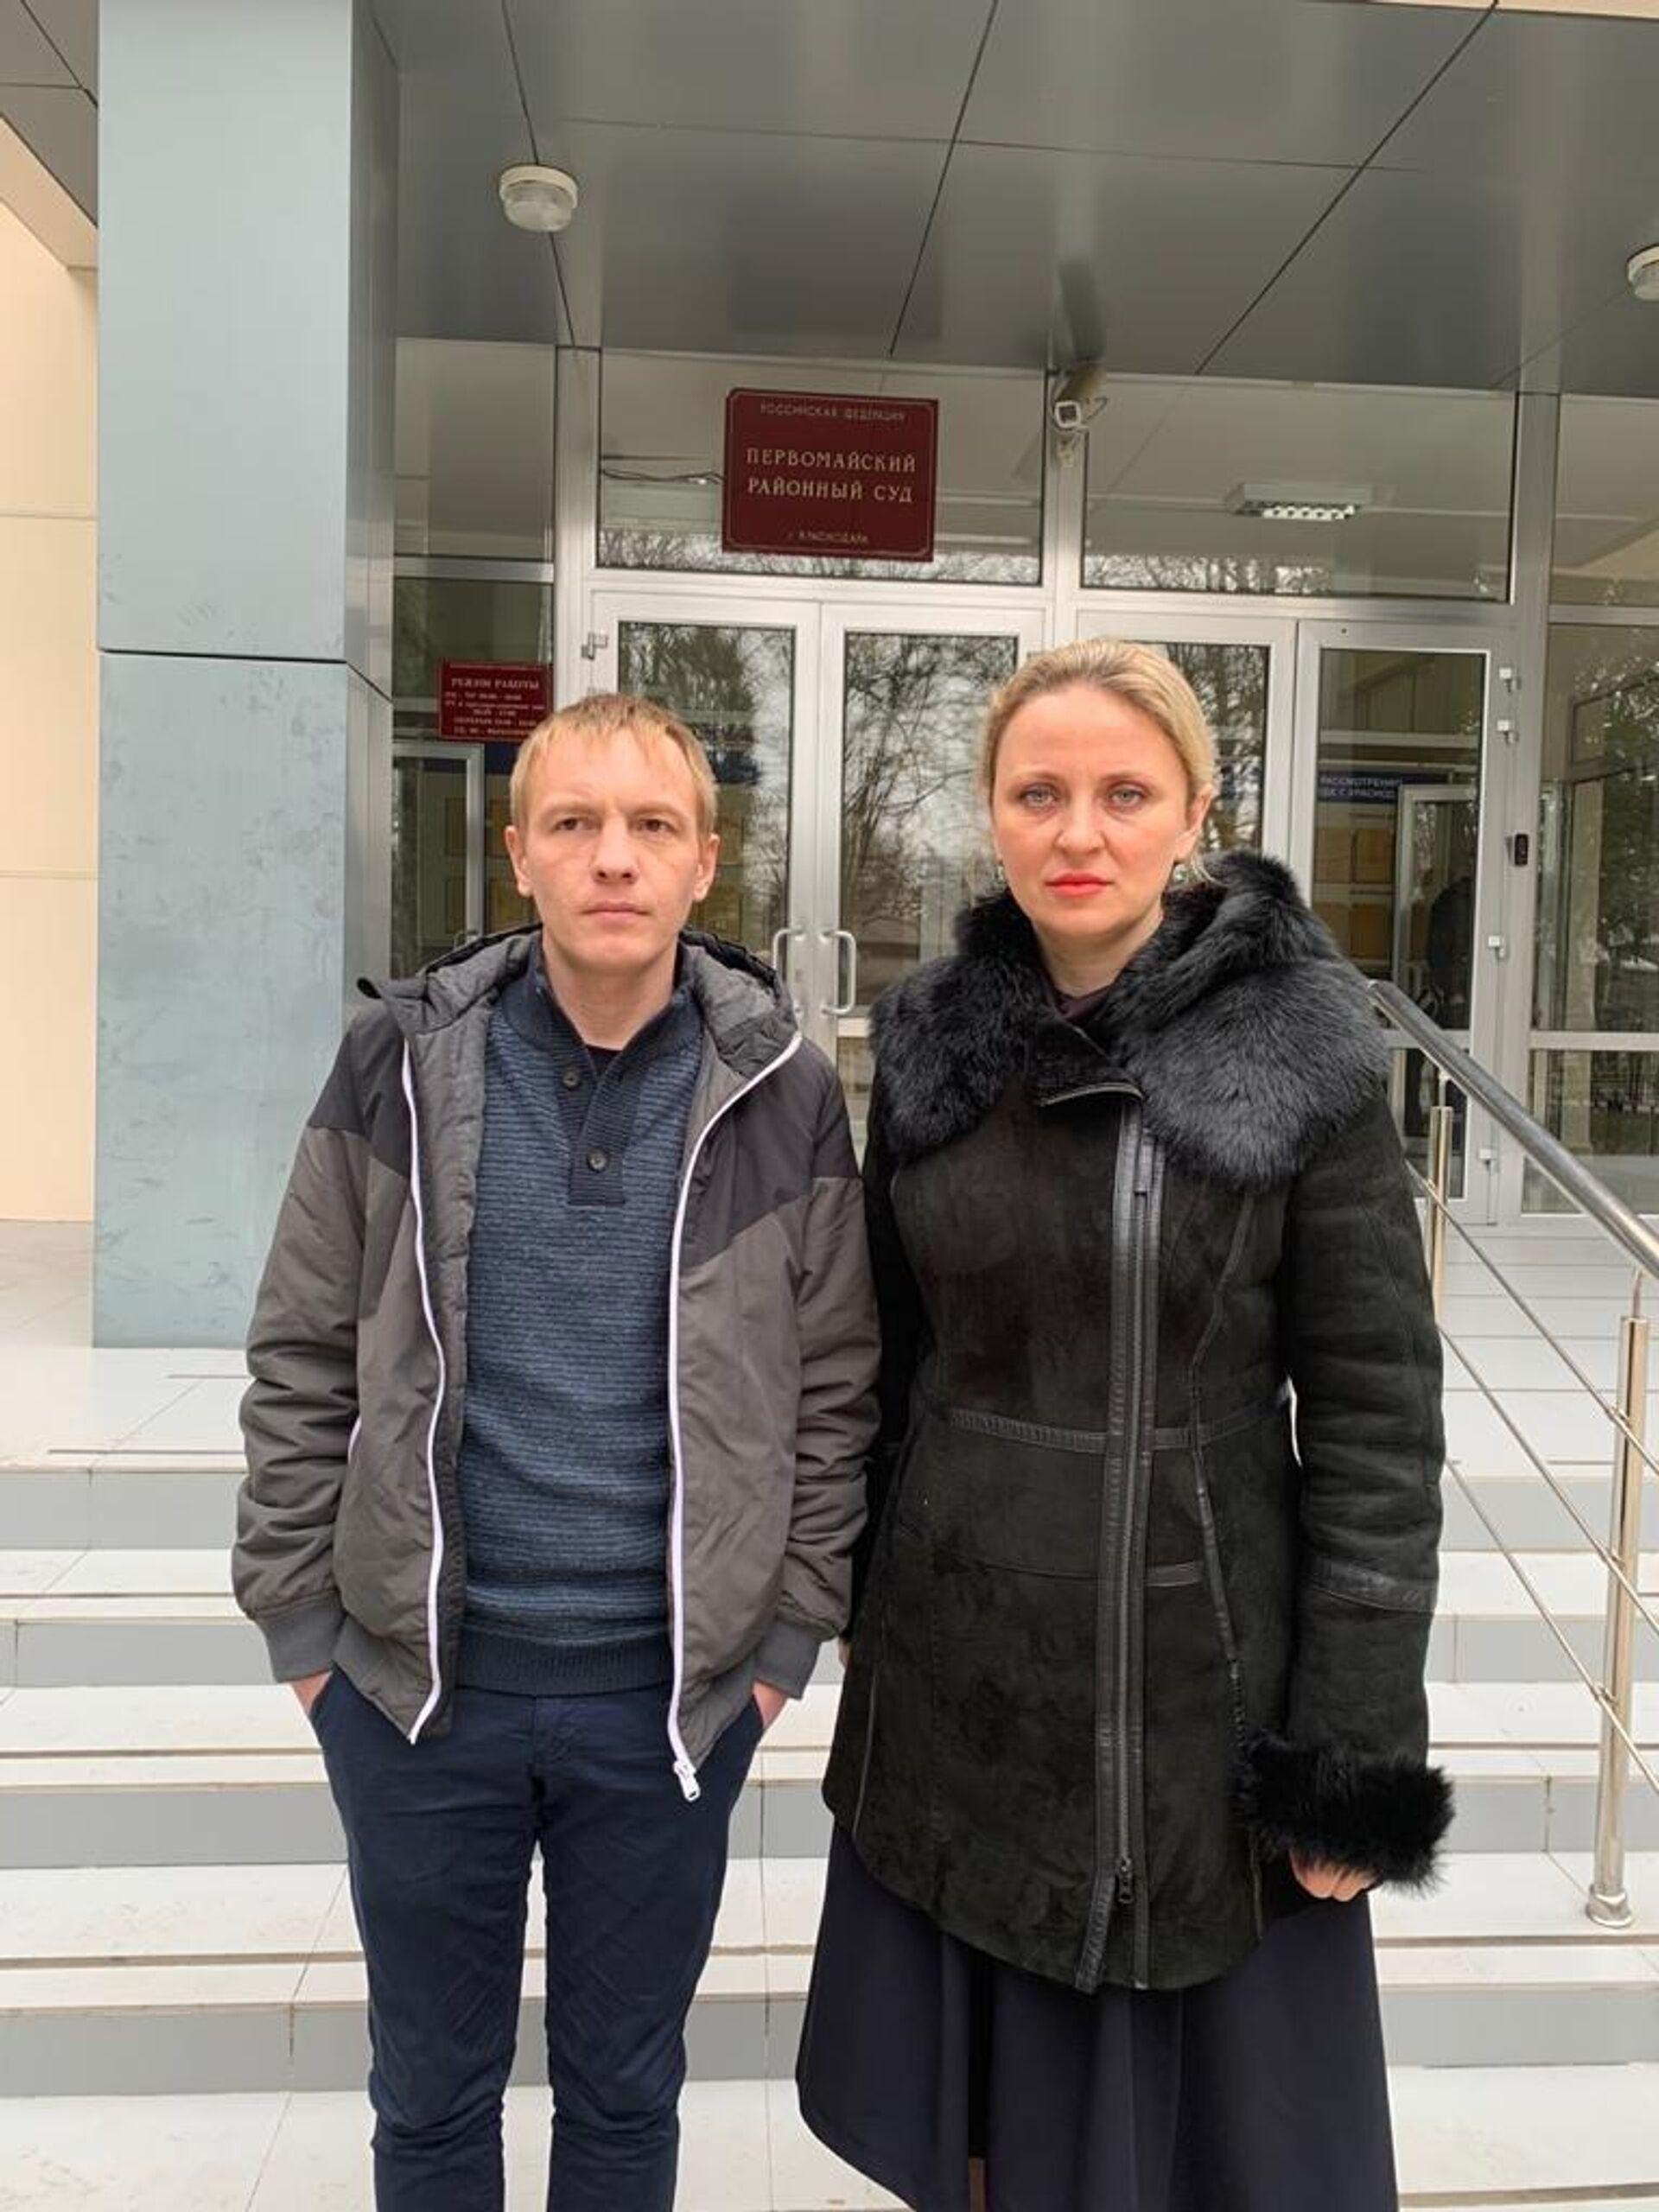 Федор вместе с адвокатом после последнего судебного заседания - РИА Новости, 1920, 24.09.2020